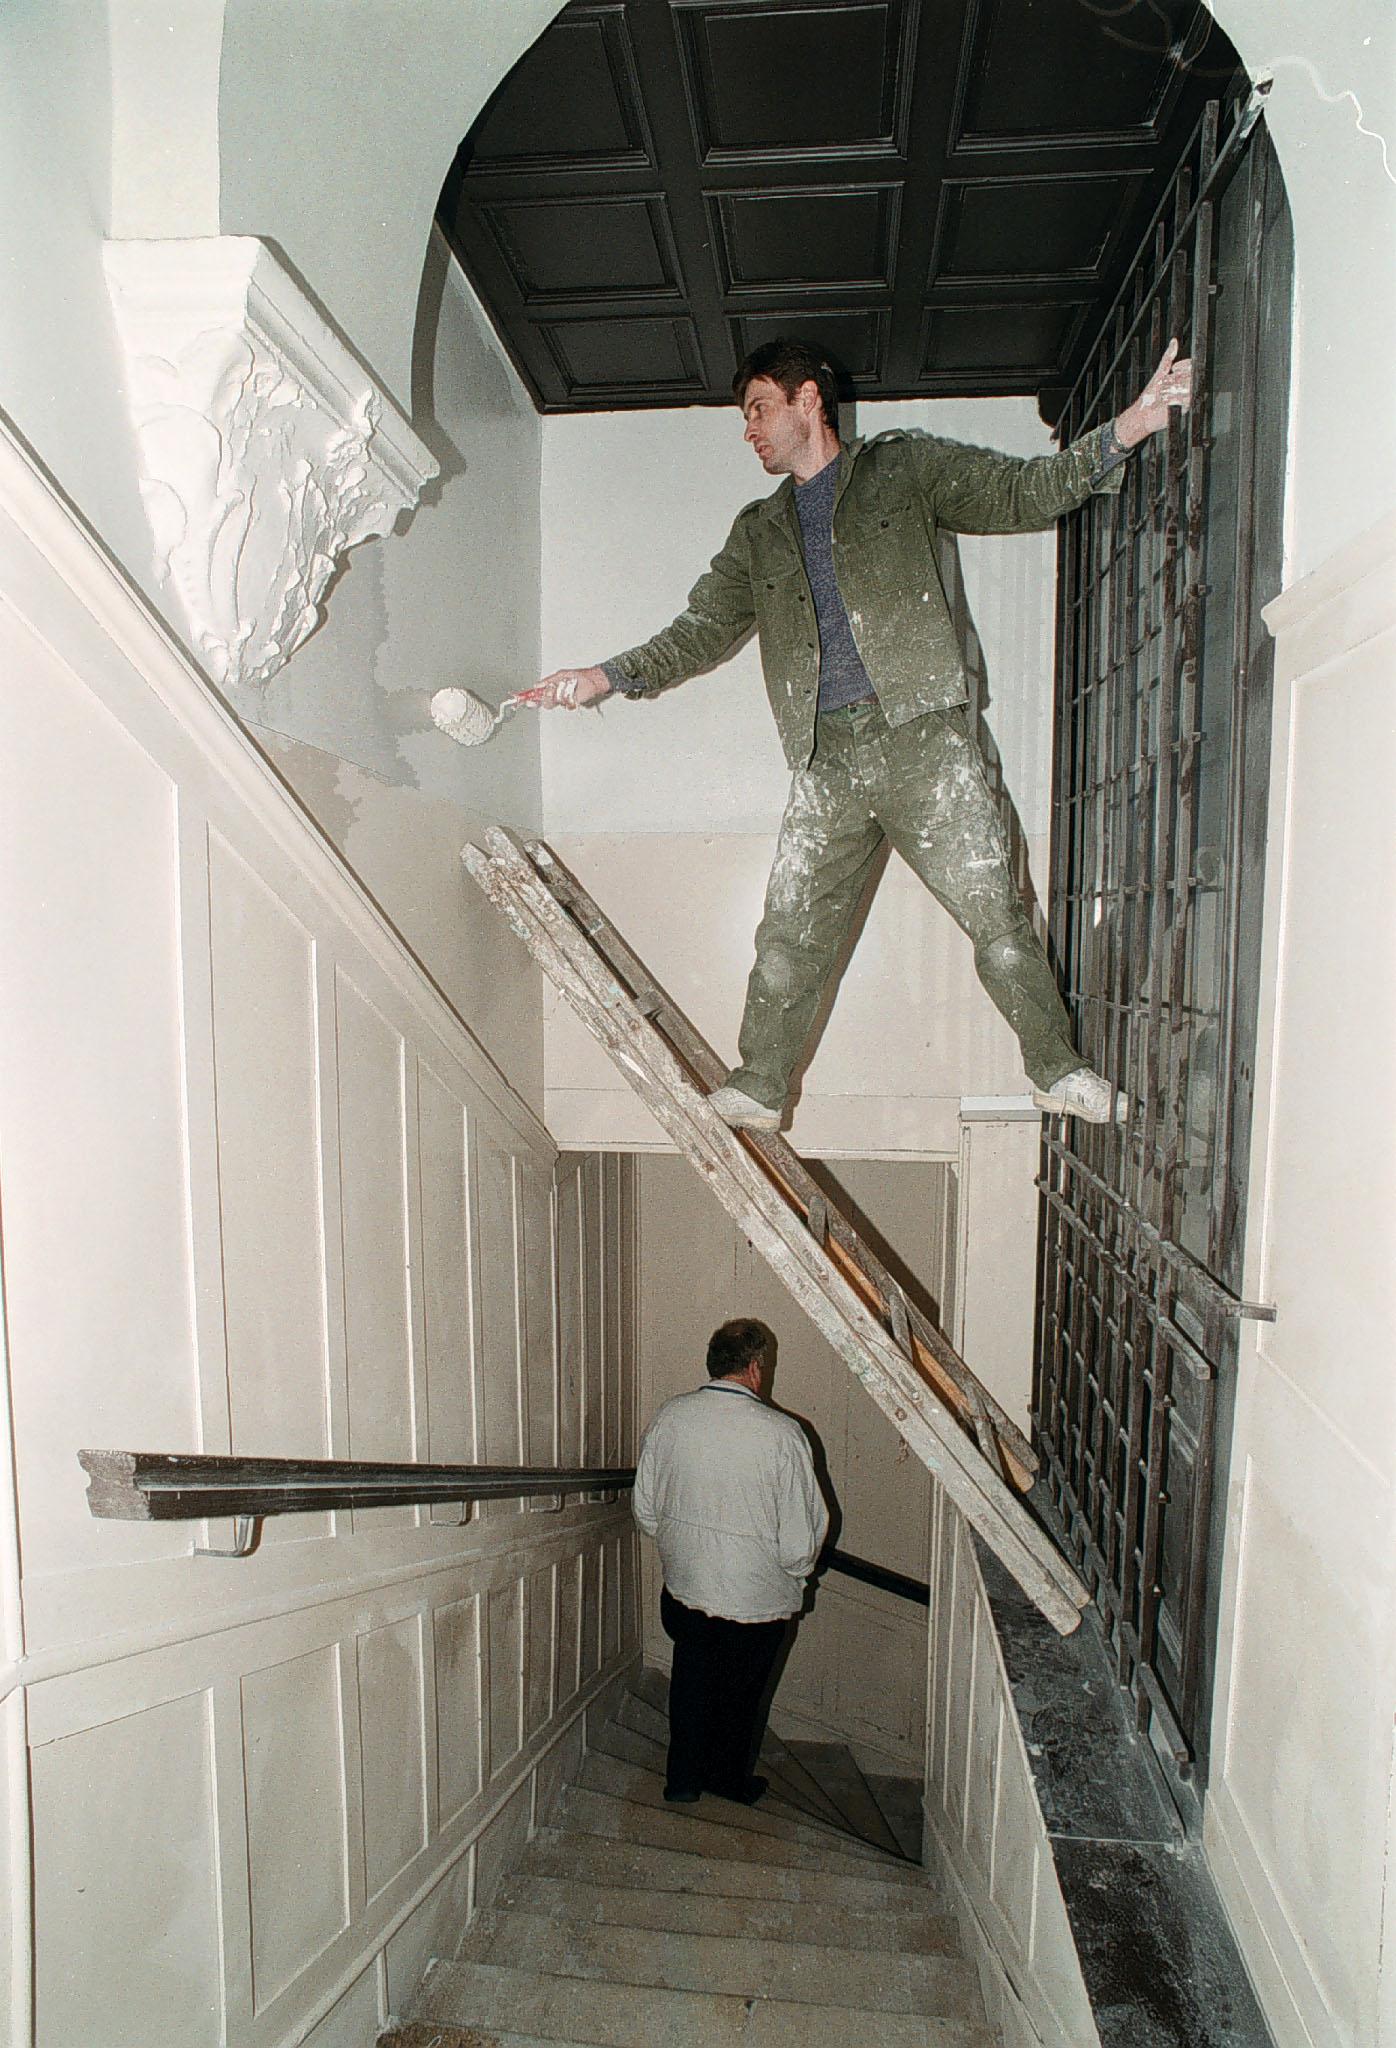 Lépcsőház, 1990-es évek vége<br />Fotó: Bánkuti András